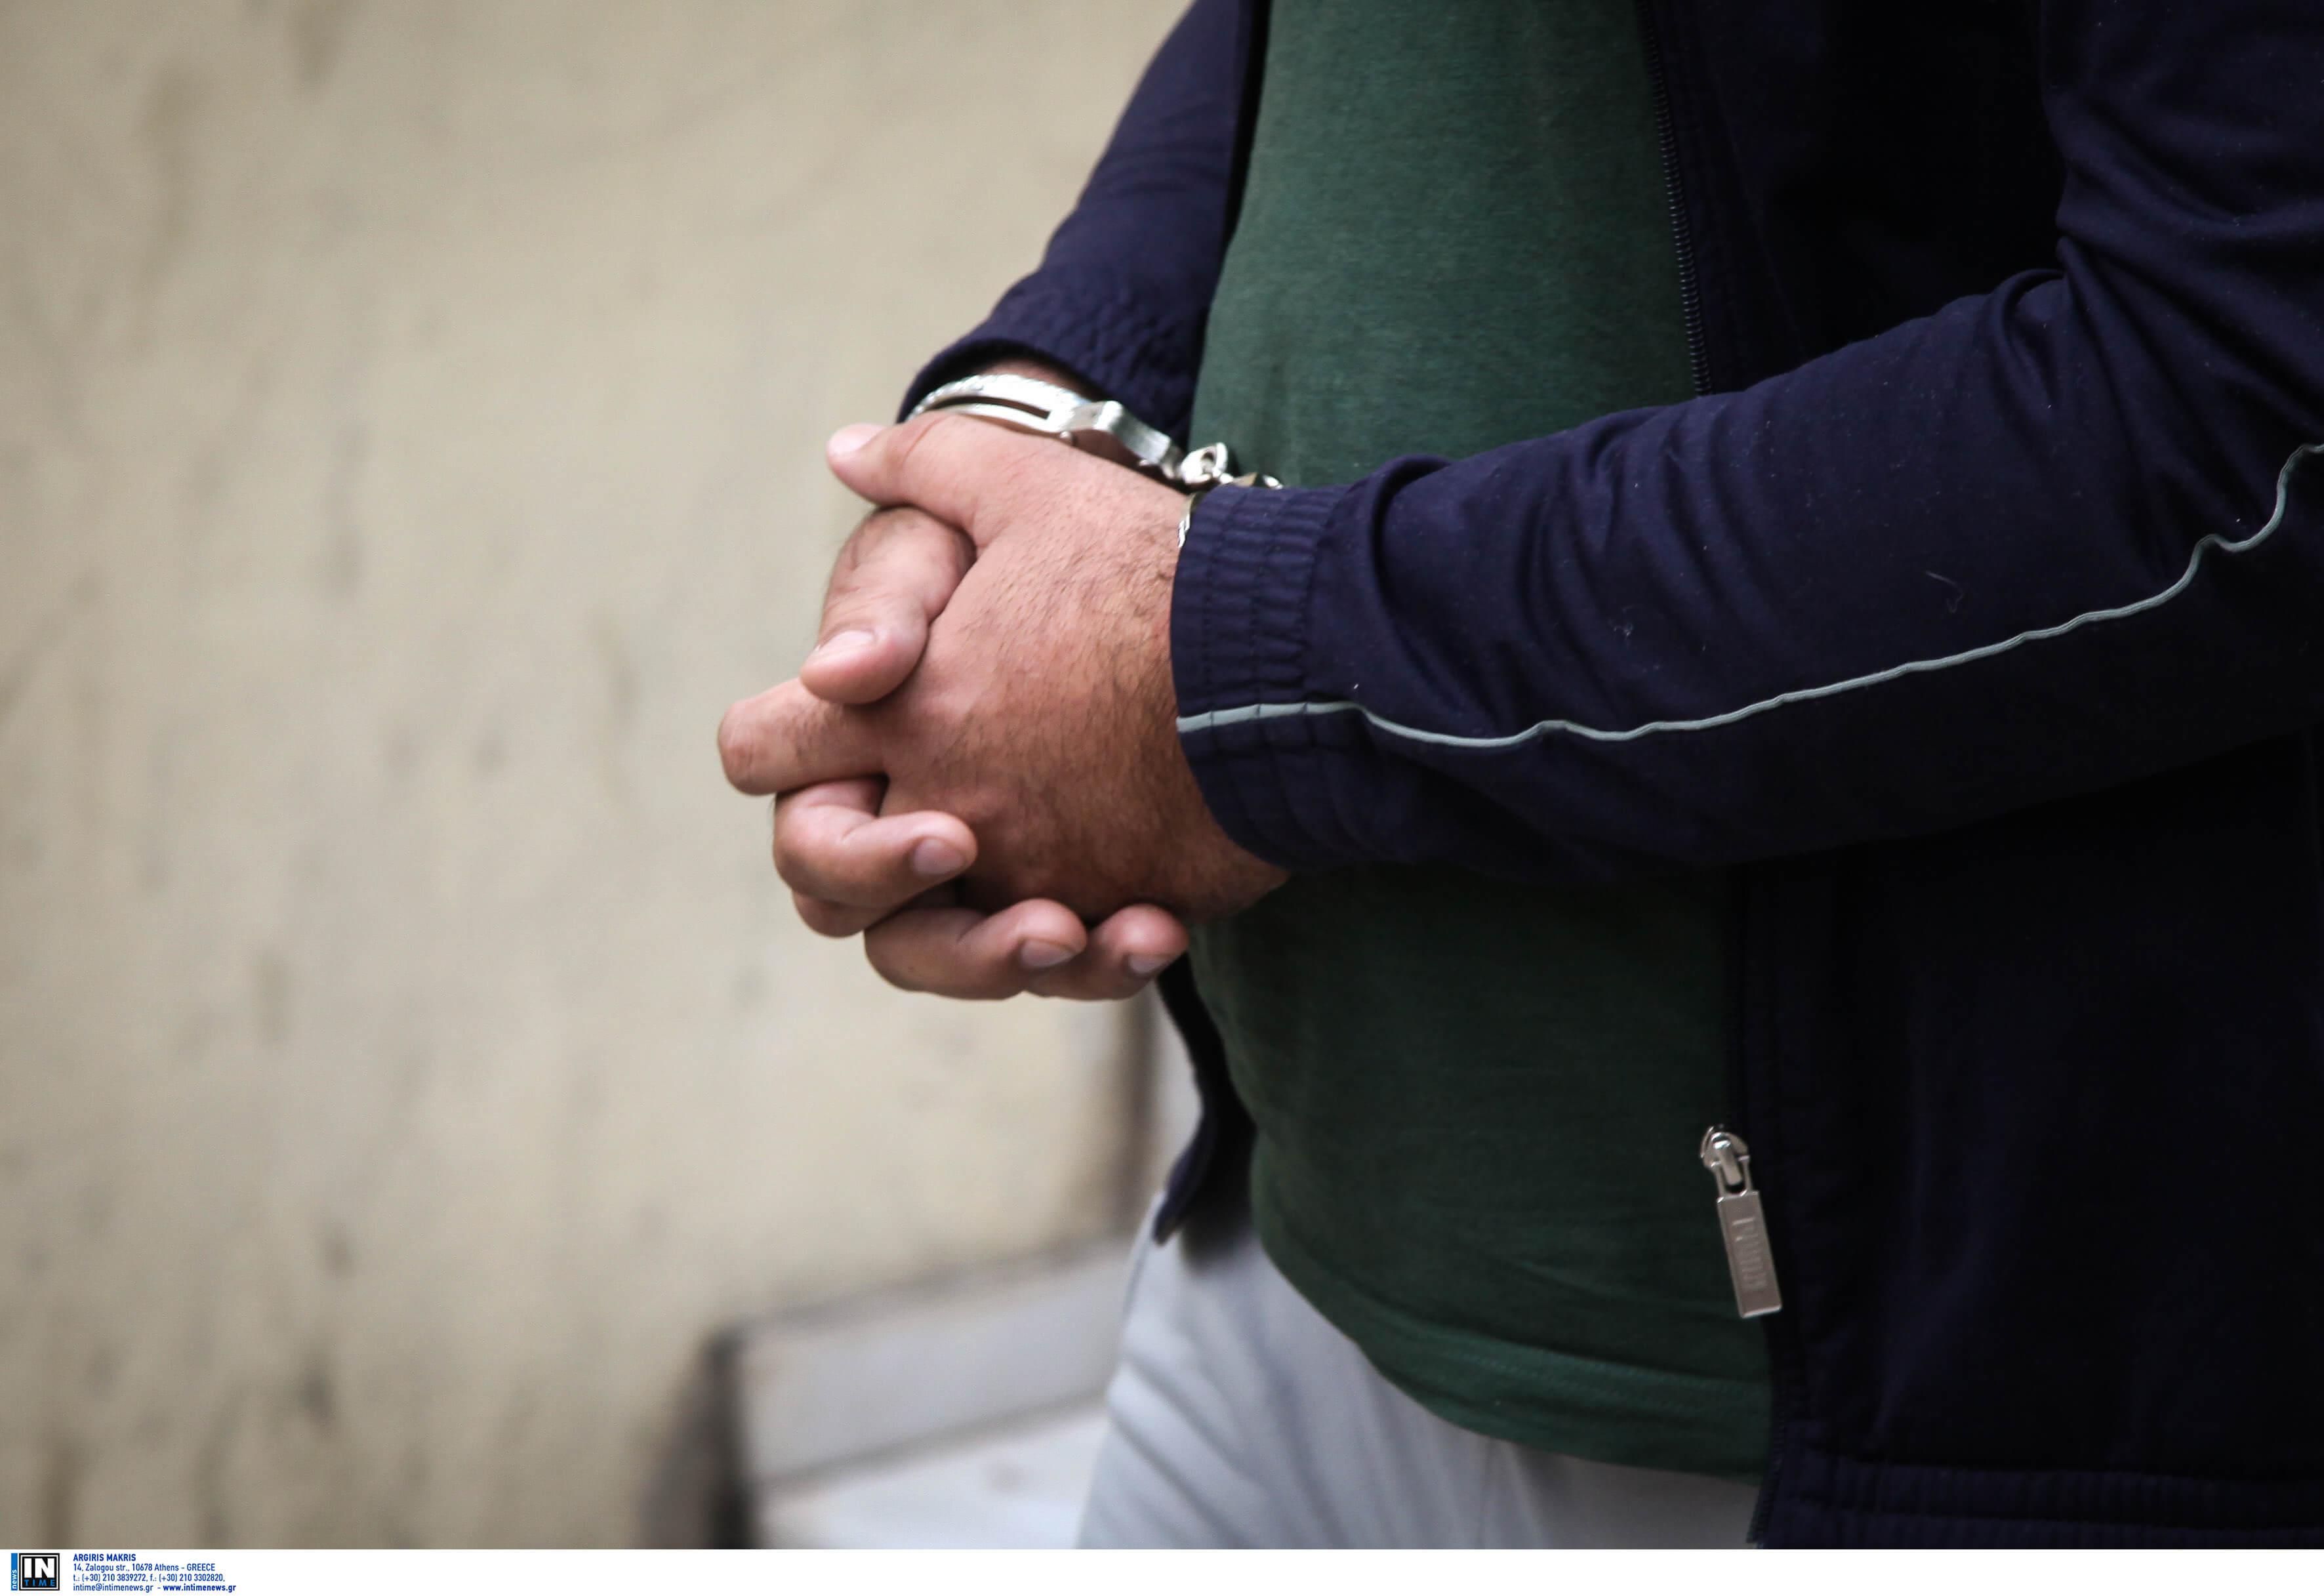 Έγκλημα στην Κρήτη: Συνελήφθη ο 49χρονος για τη δολοφονία του αδερφού του